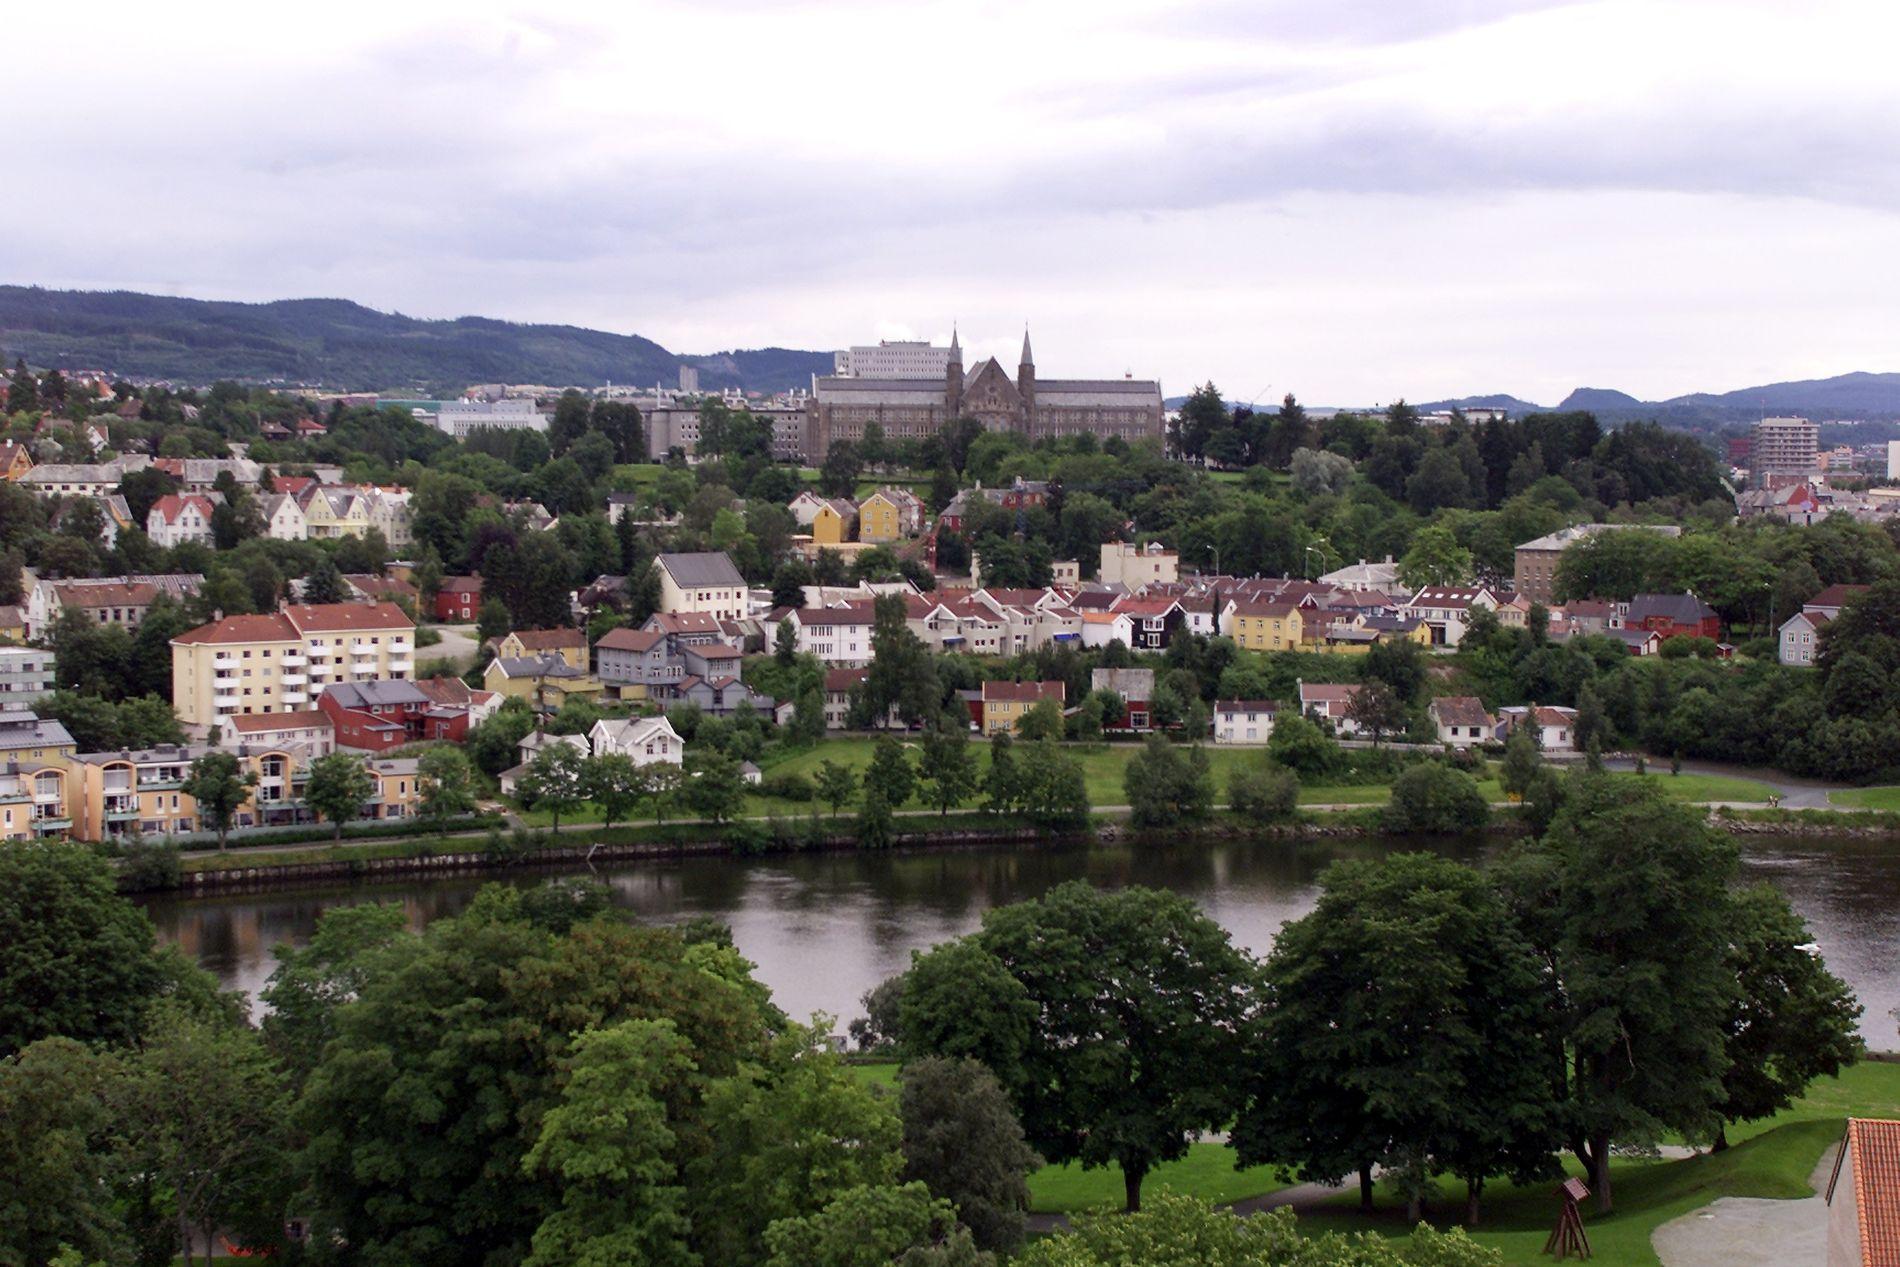 STABILT: Trondheim har stabile boligpriser, og har hatt en jevn utvikling de siste årene.